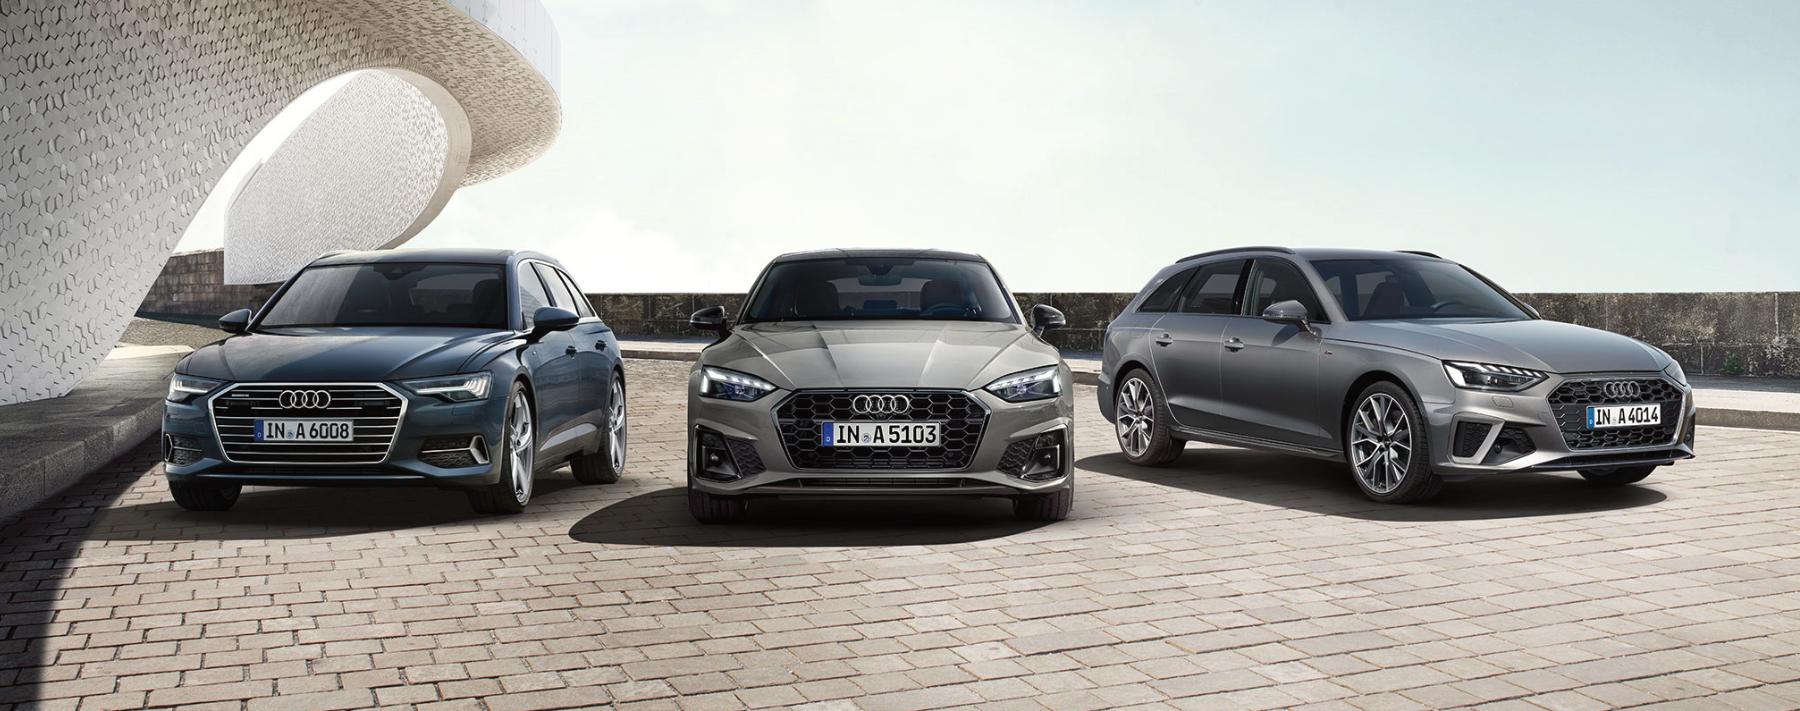 Audi Faszinationswochen vom 28.04. bis 08.06.2021